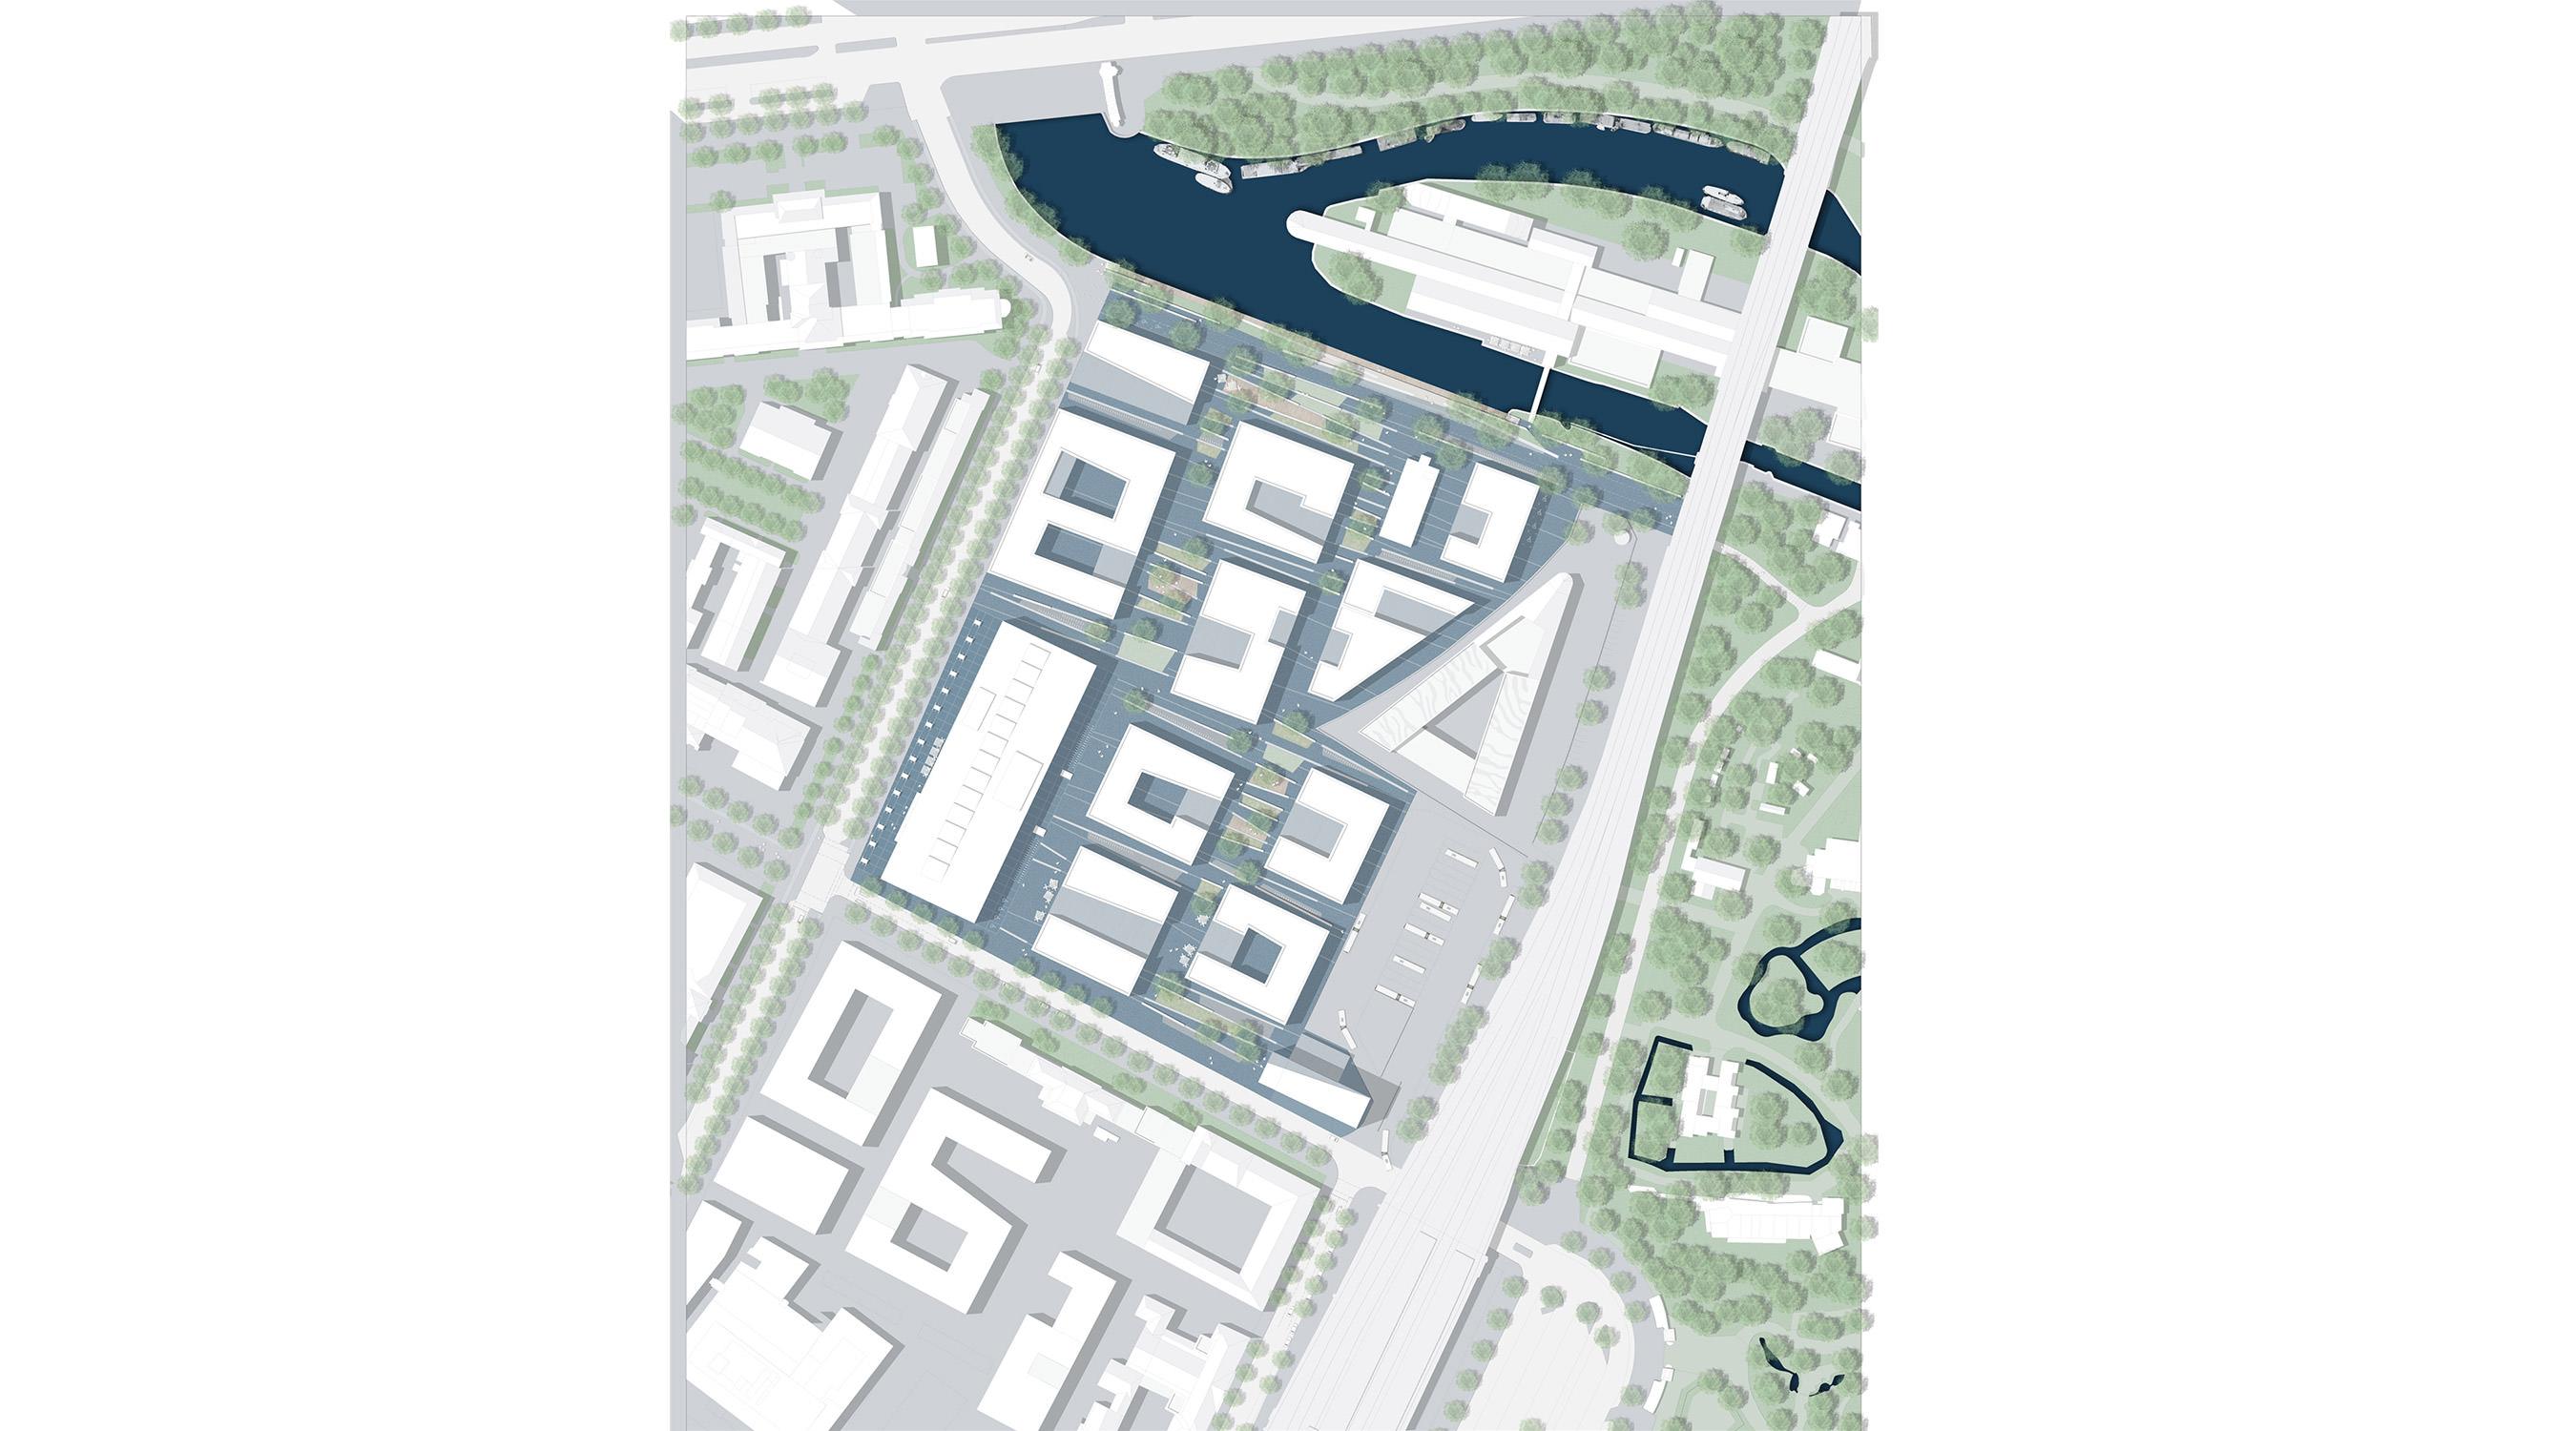 Erweiterung Campus-West TU Berlin Lageplan